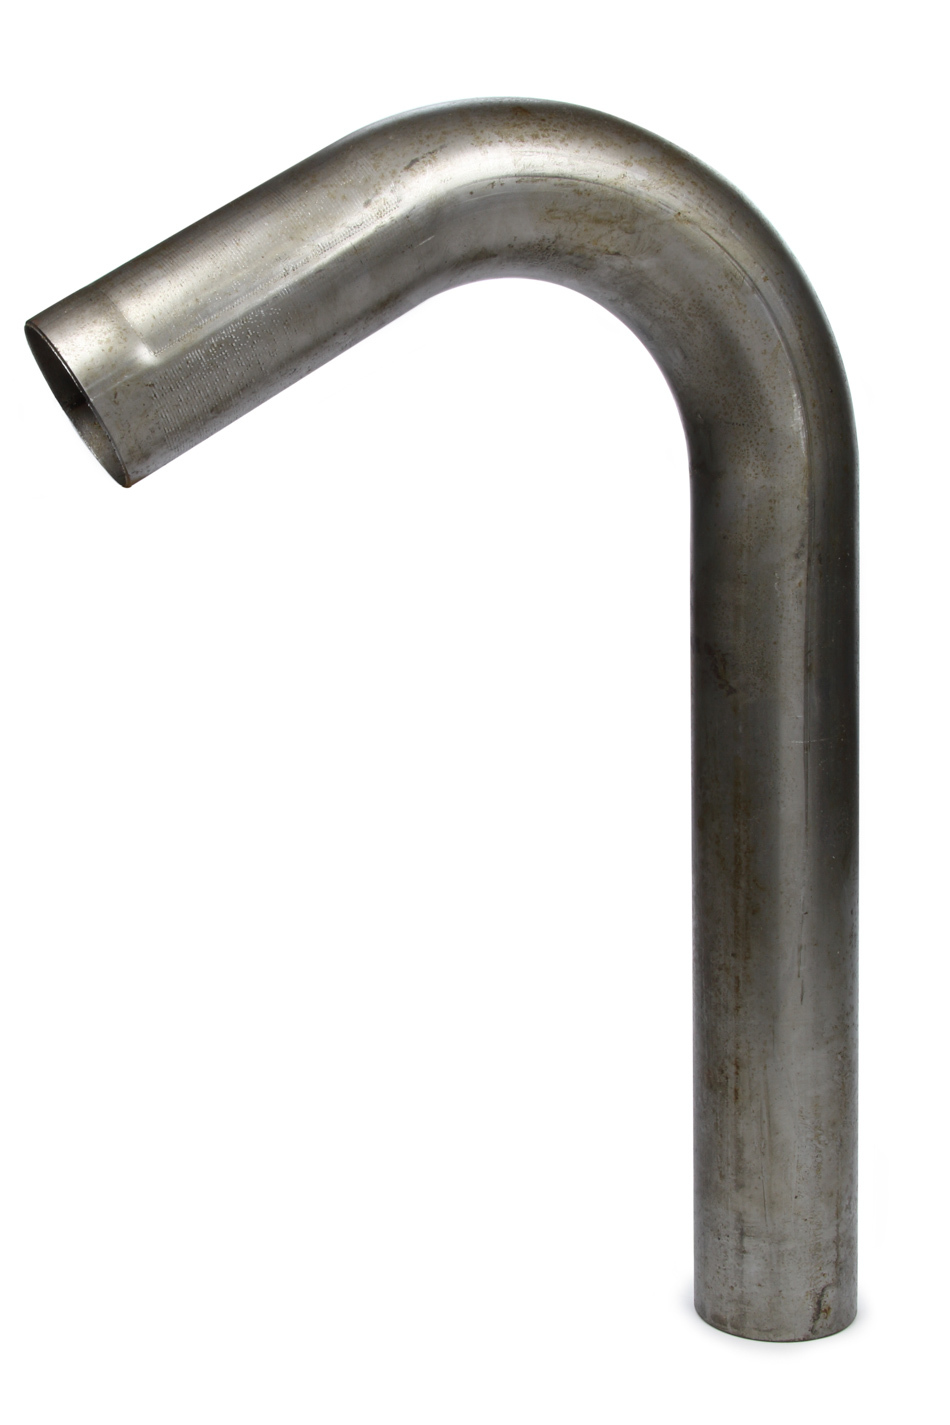 J-Bend Mild Steel 2.000 x 3in Radius 18 Gauge